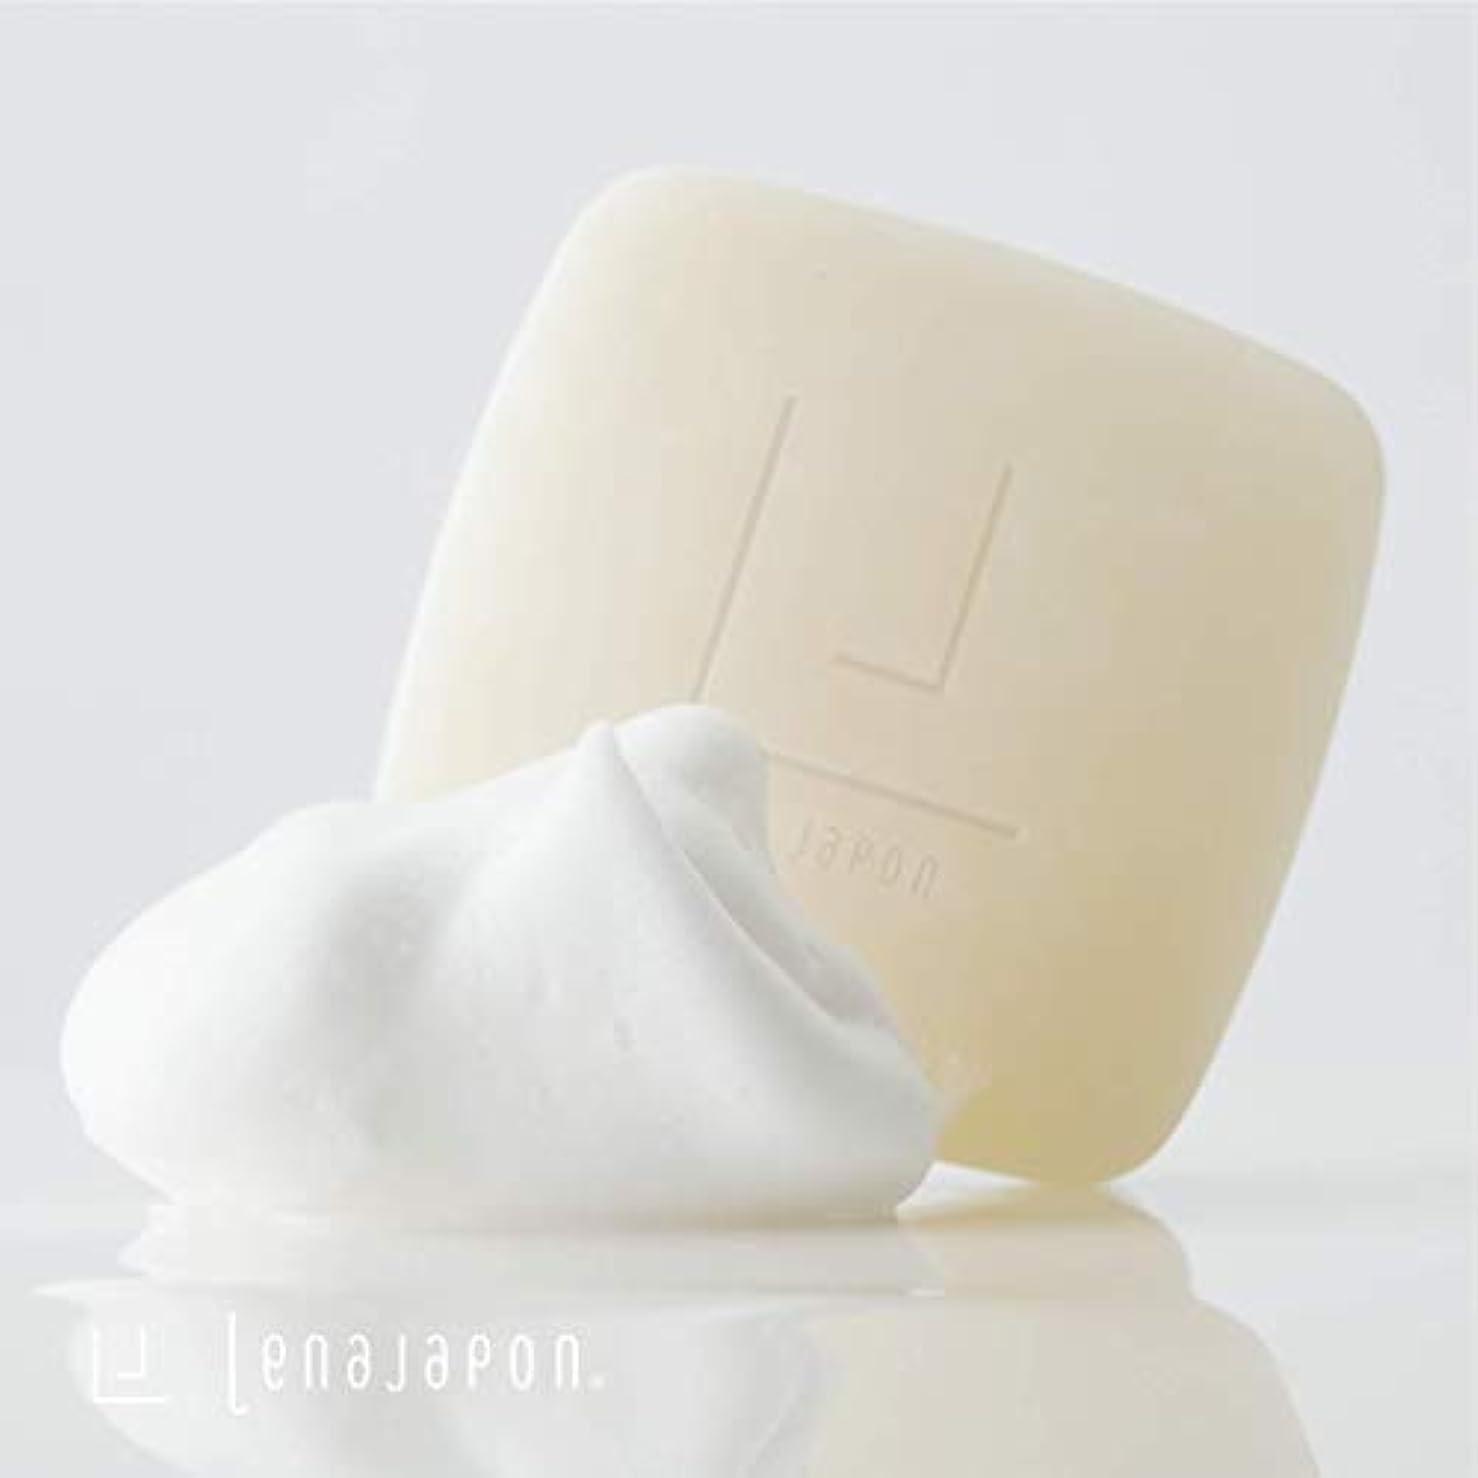 口イブニングウッズレナジャポン〈洗顔石鹸〉LJ モイストバー / LENAJAPON 〈rich foaming face soap〉 LJ MOIST BAR